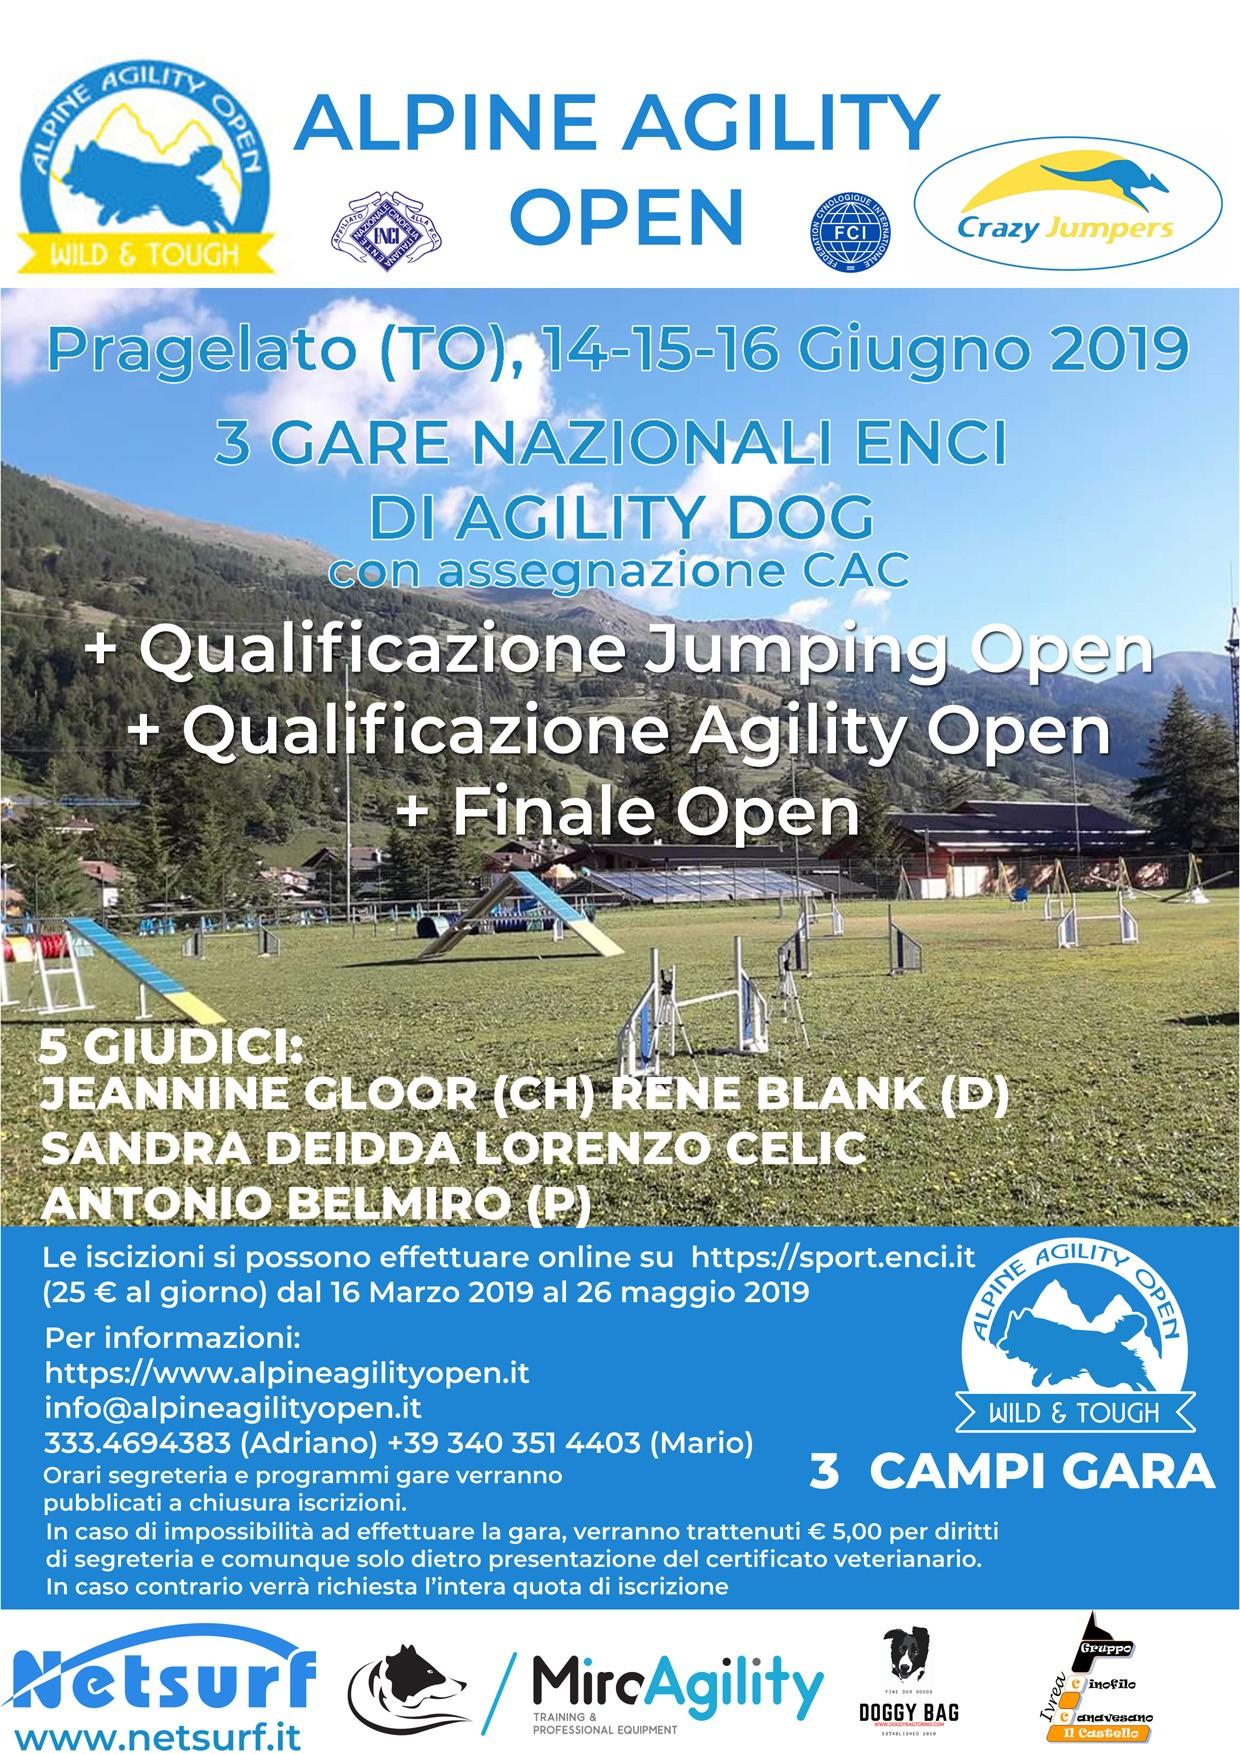 Domenica 16 giugno 2019: Gara Nazionale di Agility + Finale OPEN